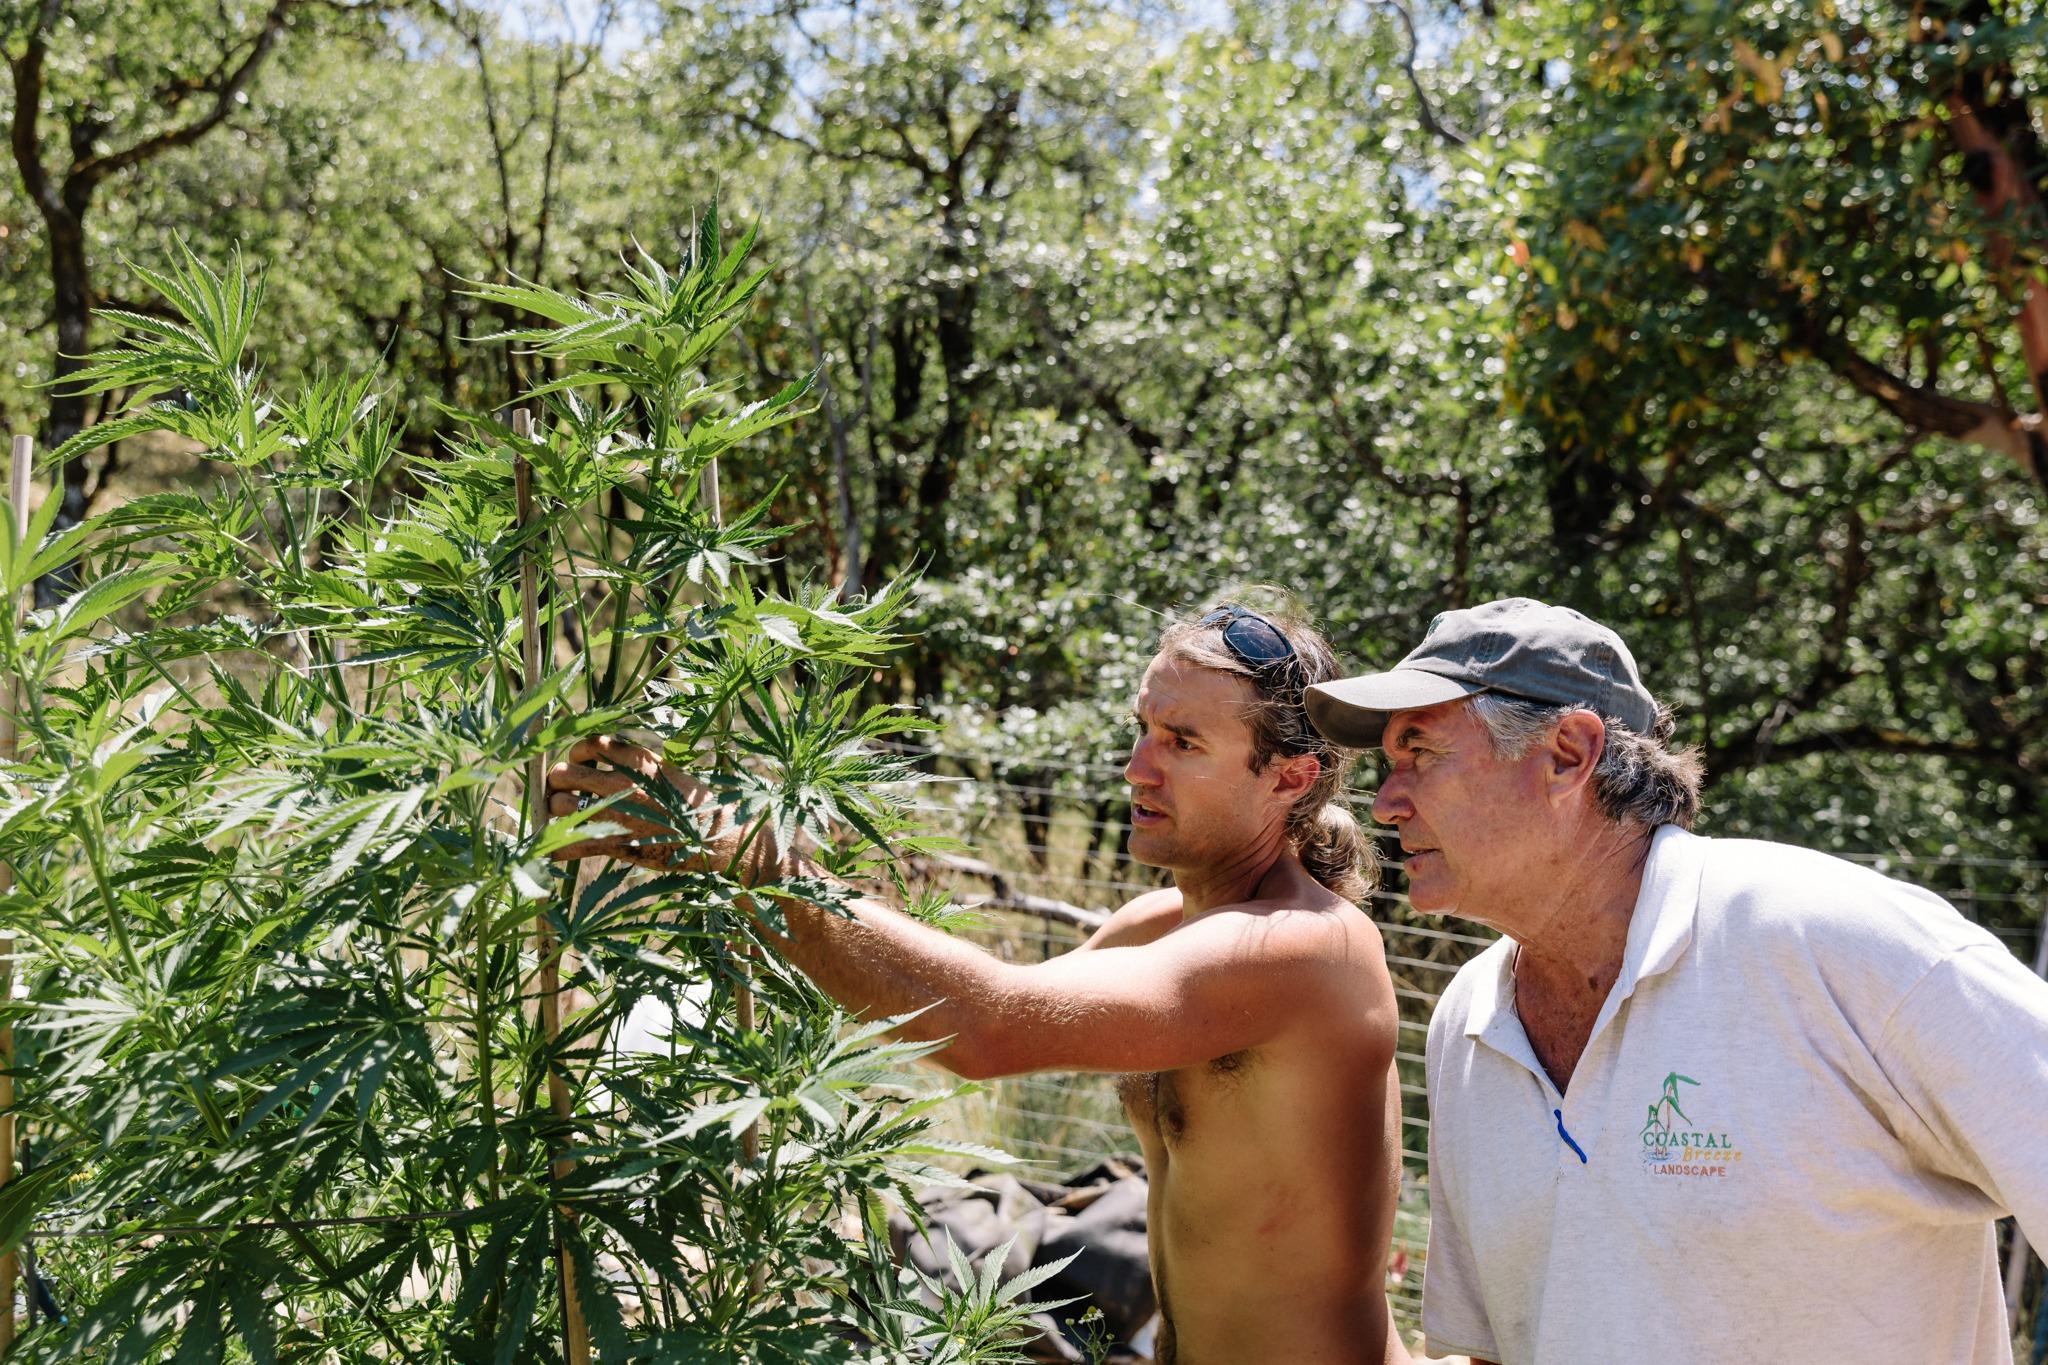 Flow Kana: Embracing Northern California's Independent Craft Farm Ecosystem